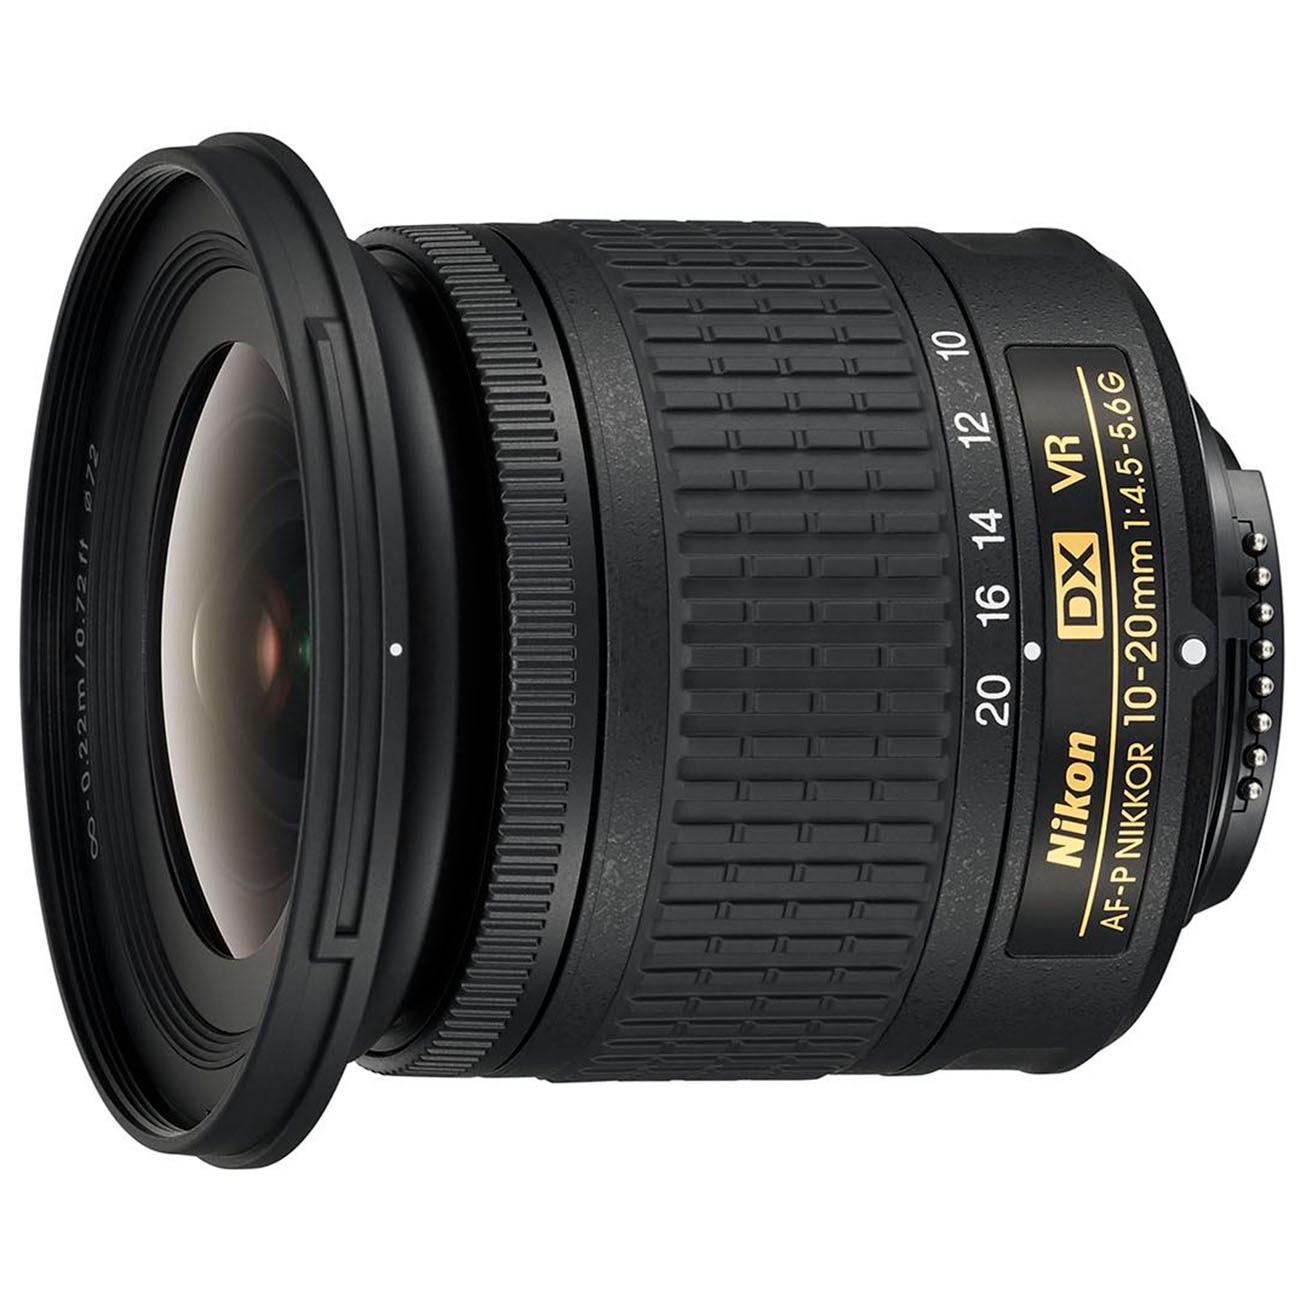 Fotografie Obiectiv Nikon 10-20mm f/4.5-5.6G VR AF-P DX NIKKOR